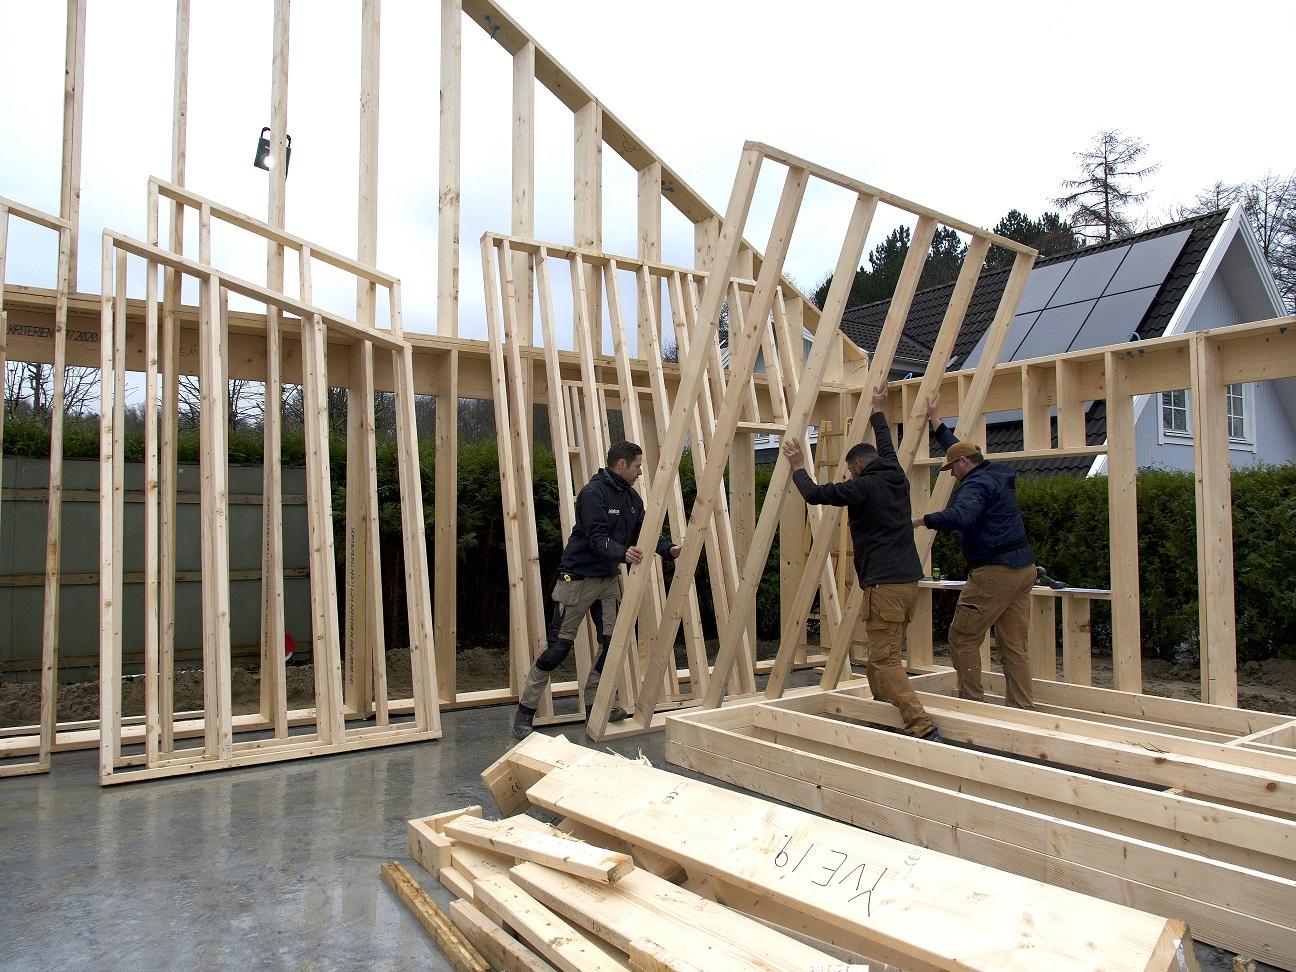 Udvikling af brandgodkendte løsninger til at bygge bæredygtige træhuse er sat i gang!